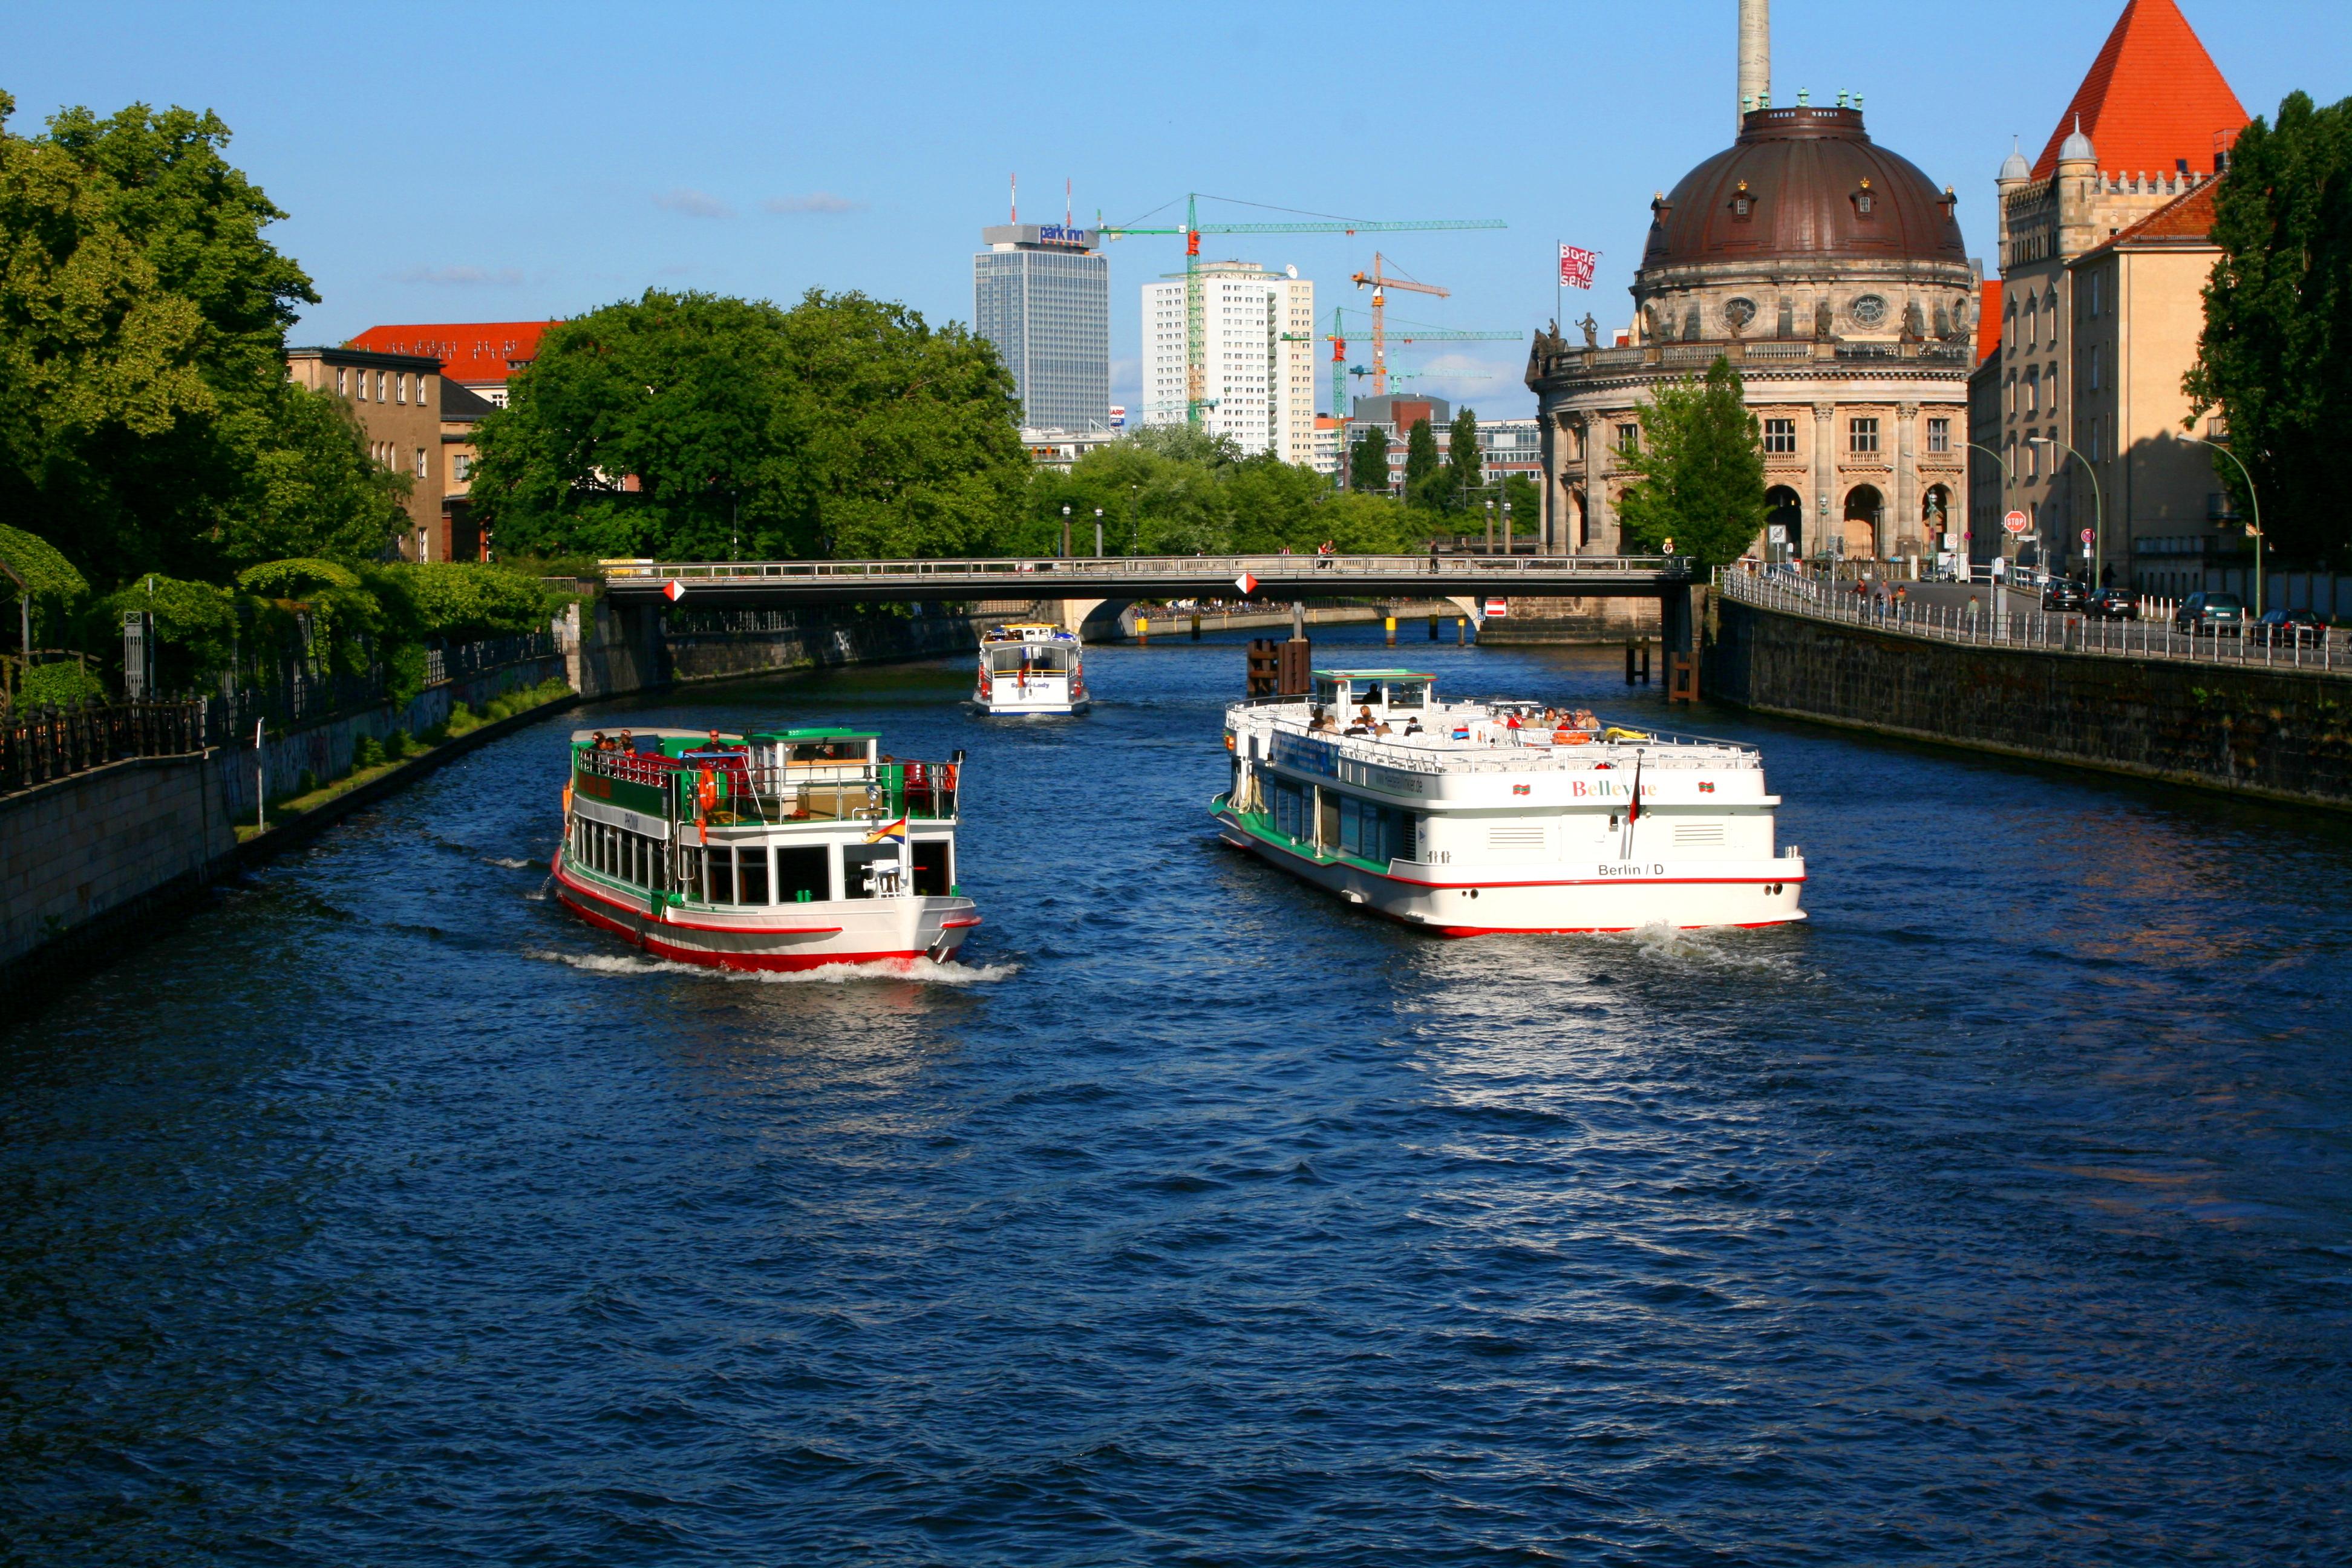 Spree River cruise